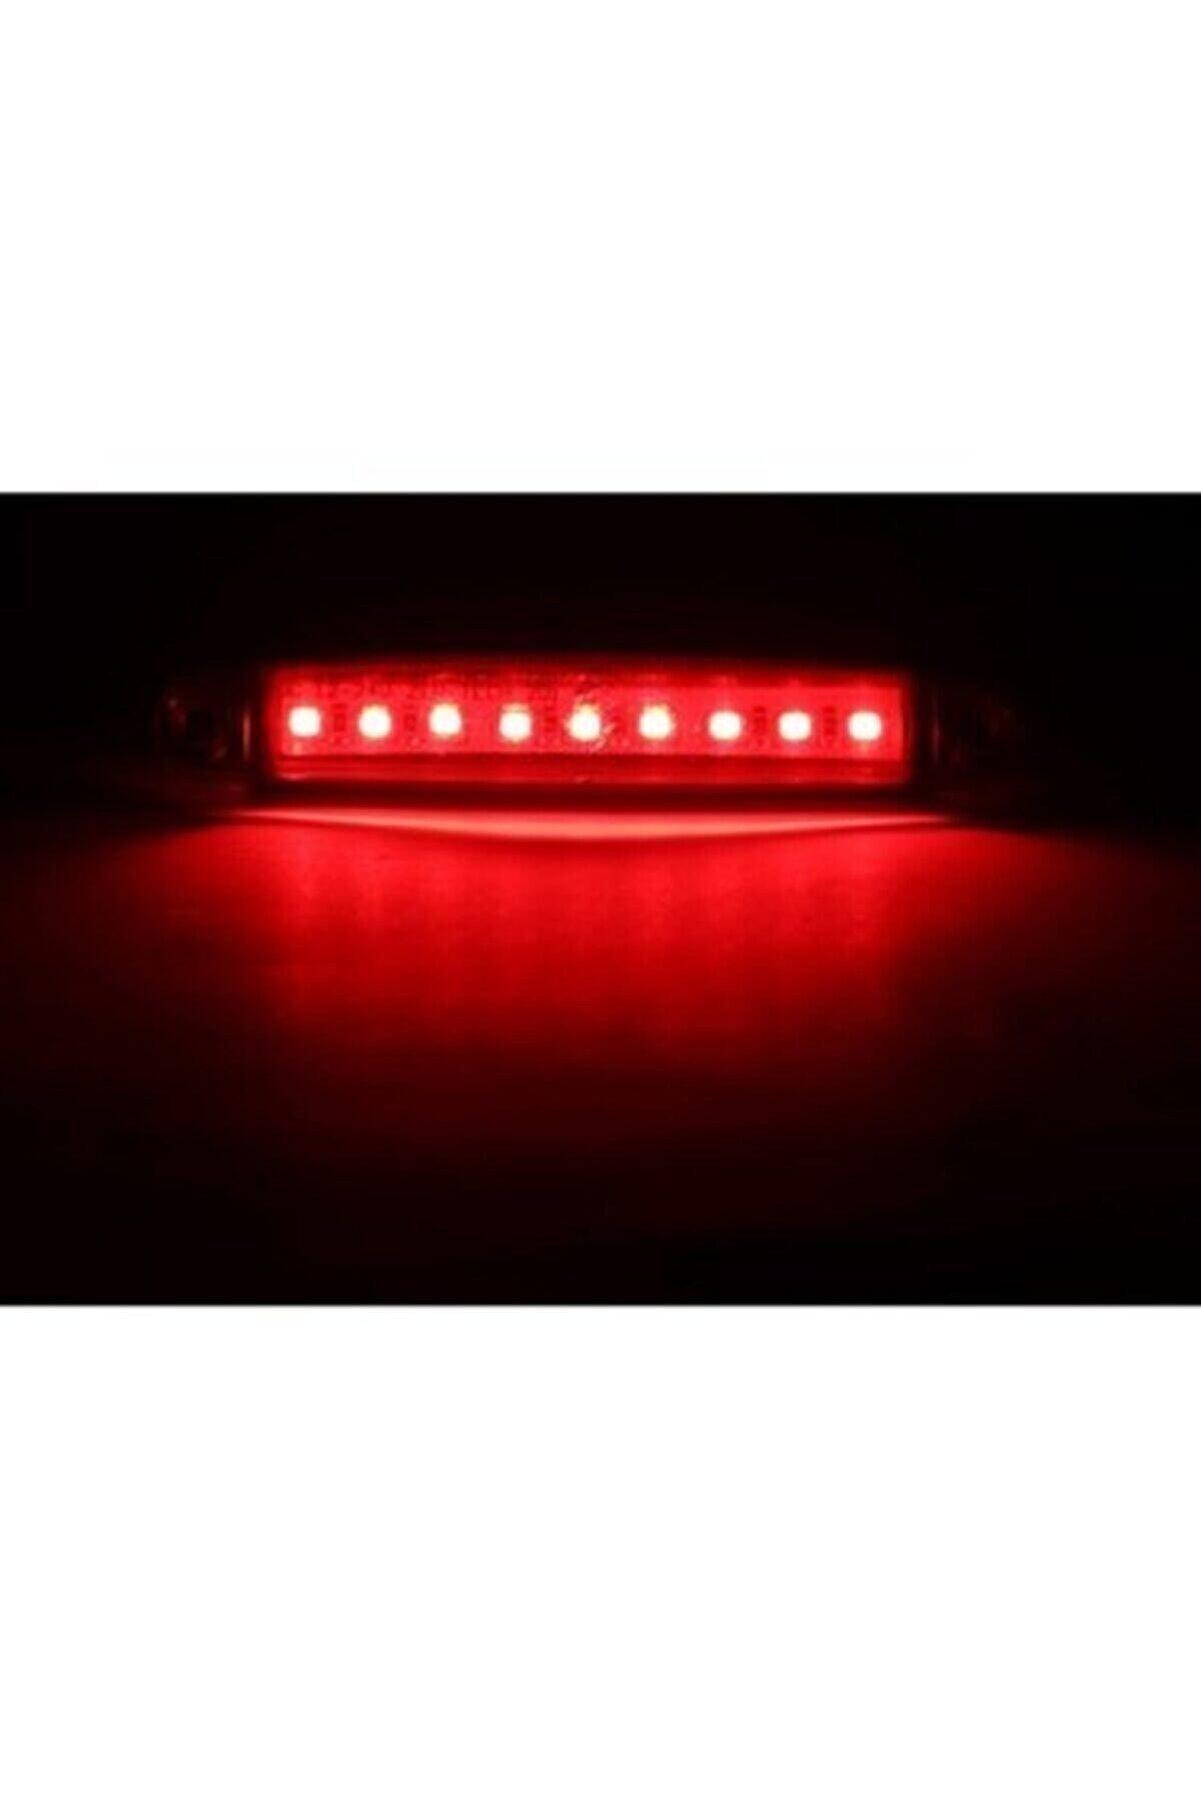 EMIR 10 Adet 9 Ledli Parmak Led Dorse Lamba 12v-24v Kırmızı Renk